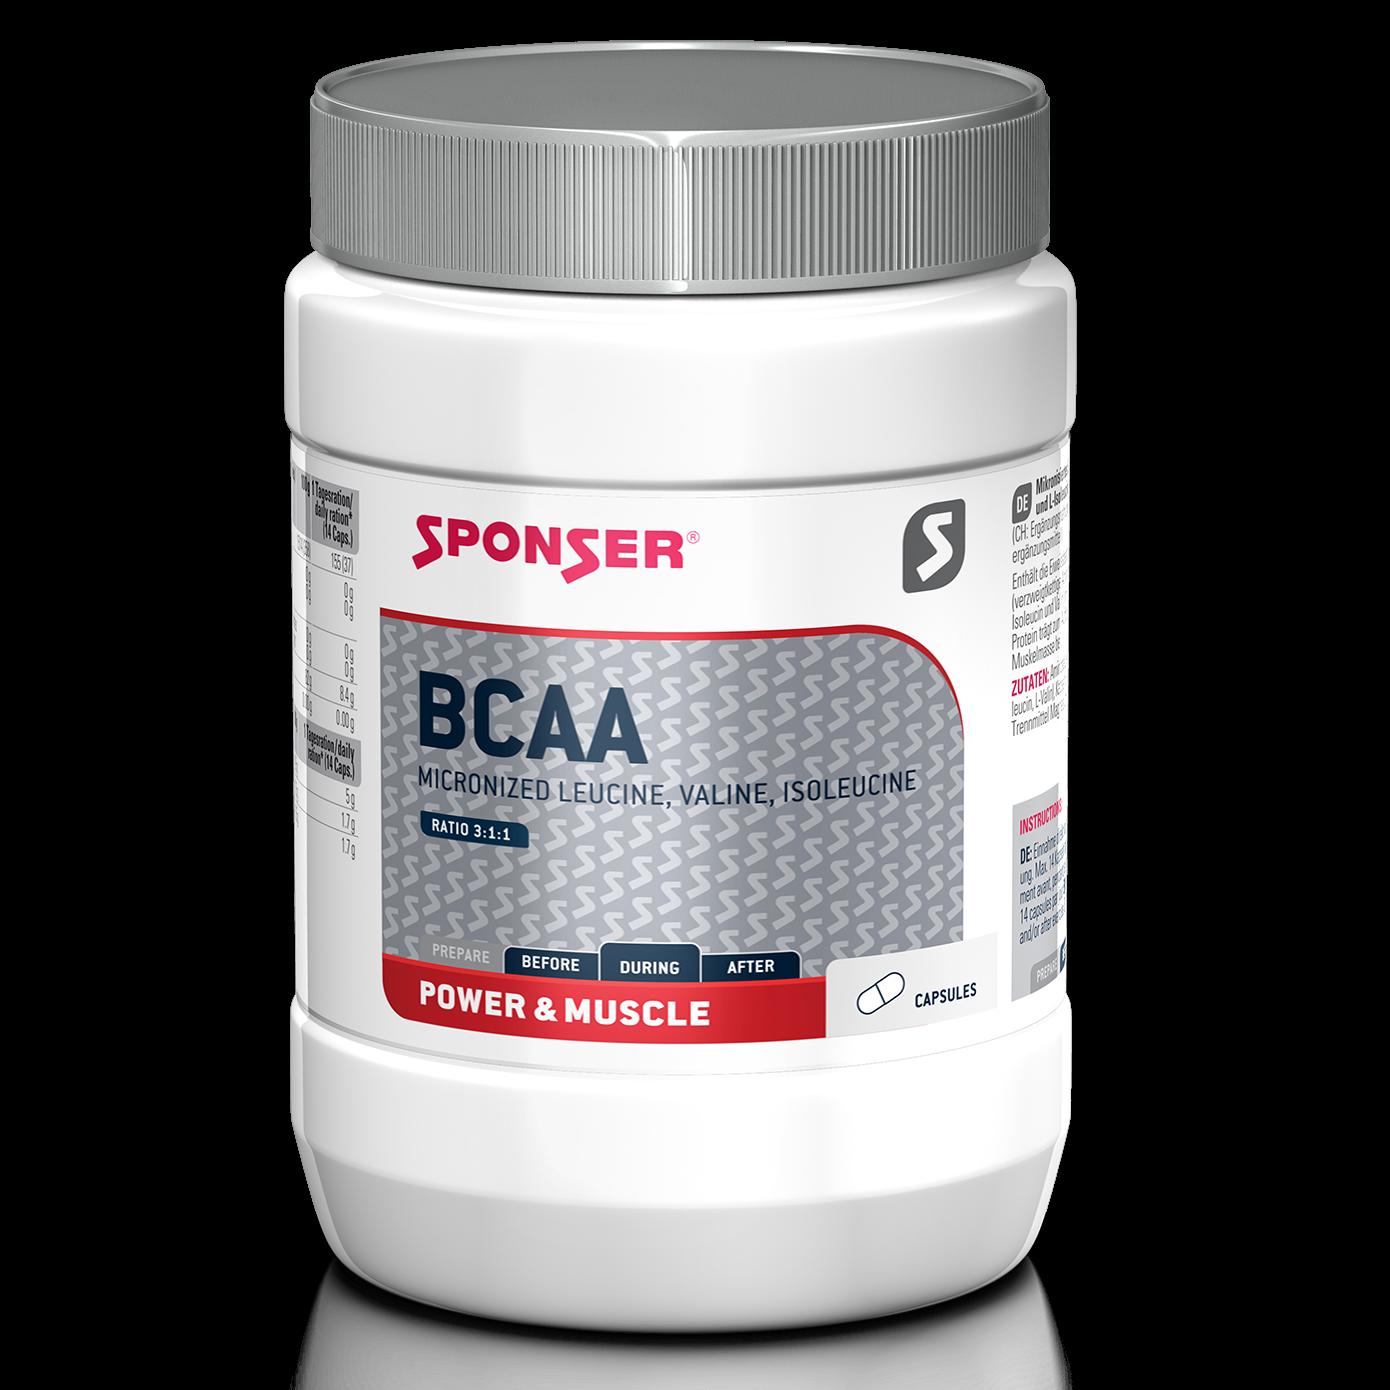 BCAA SPONSER